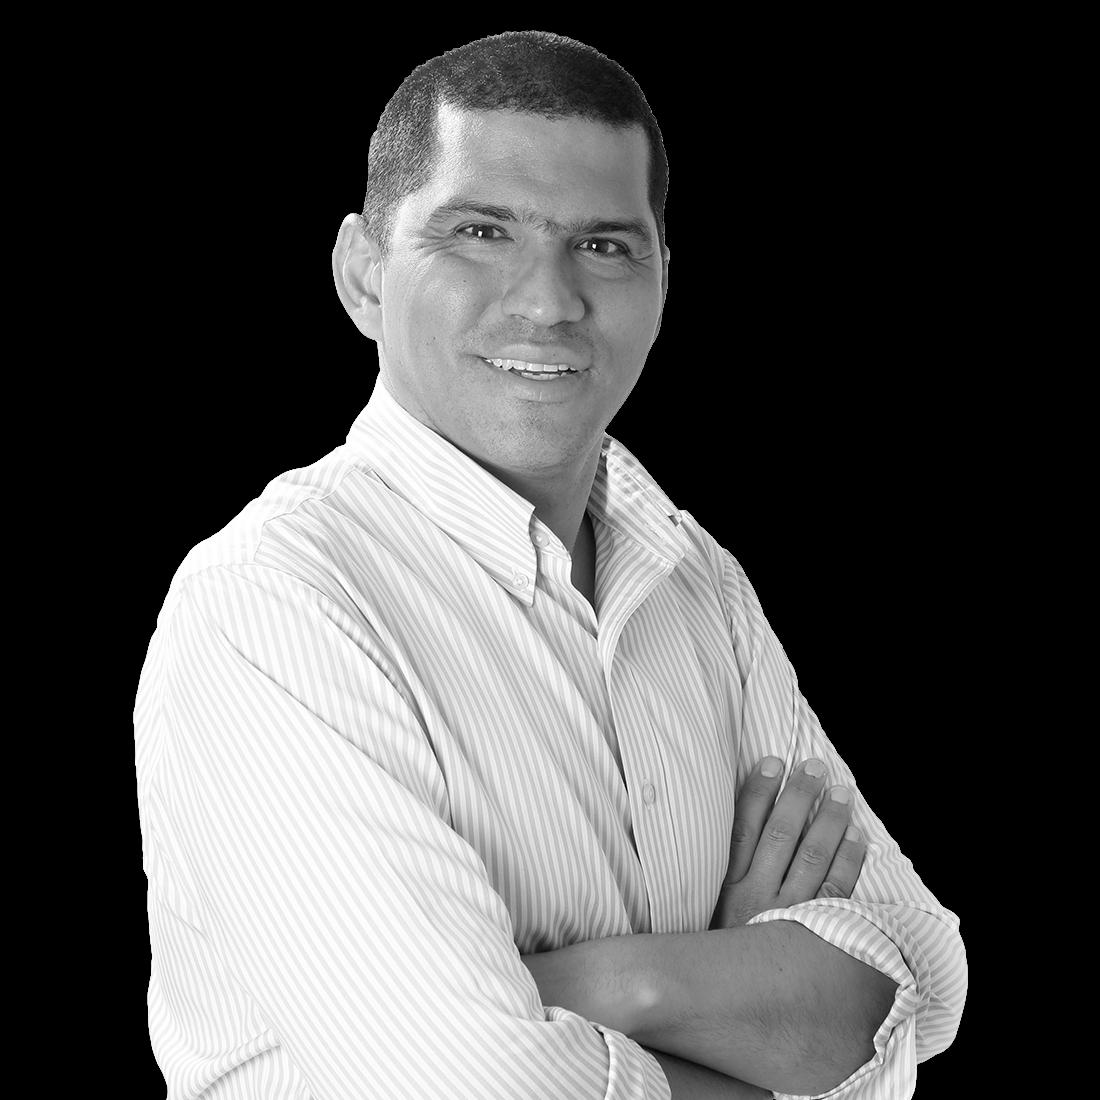 Alejandro Villegas